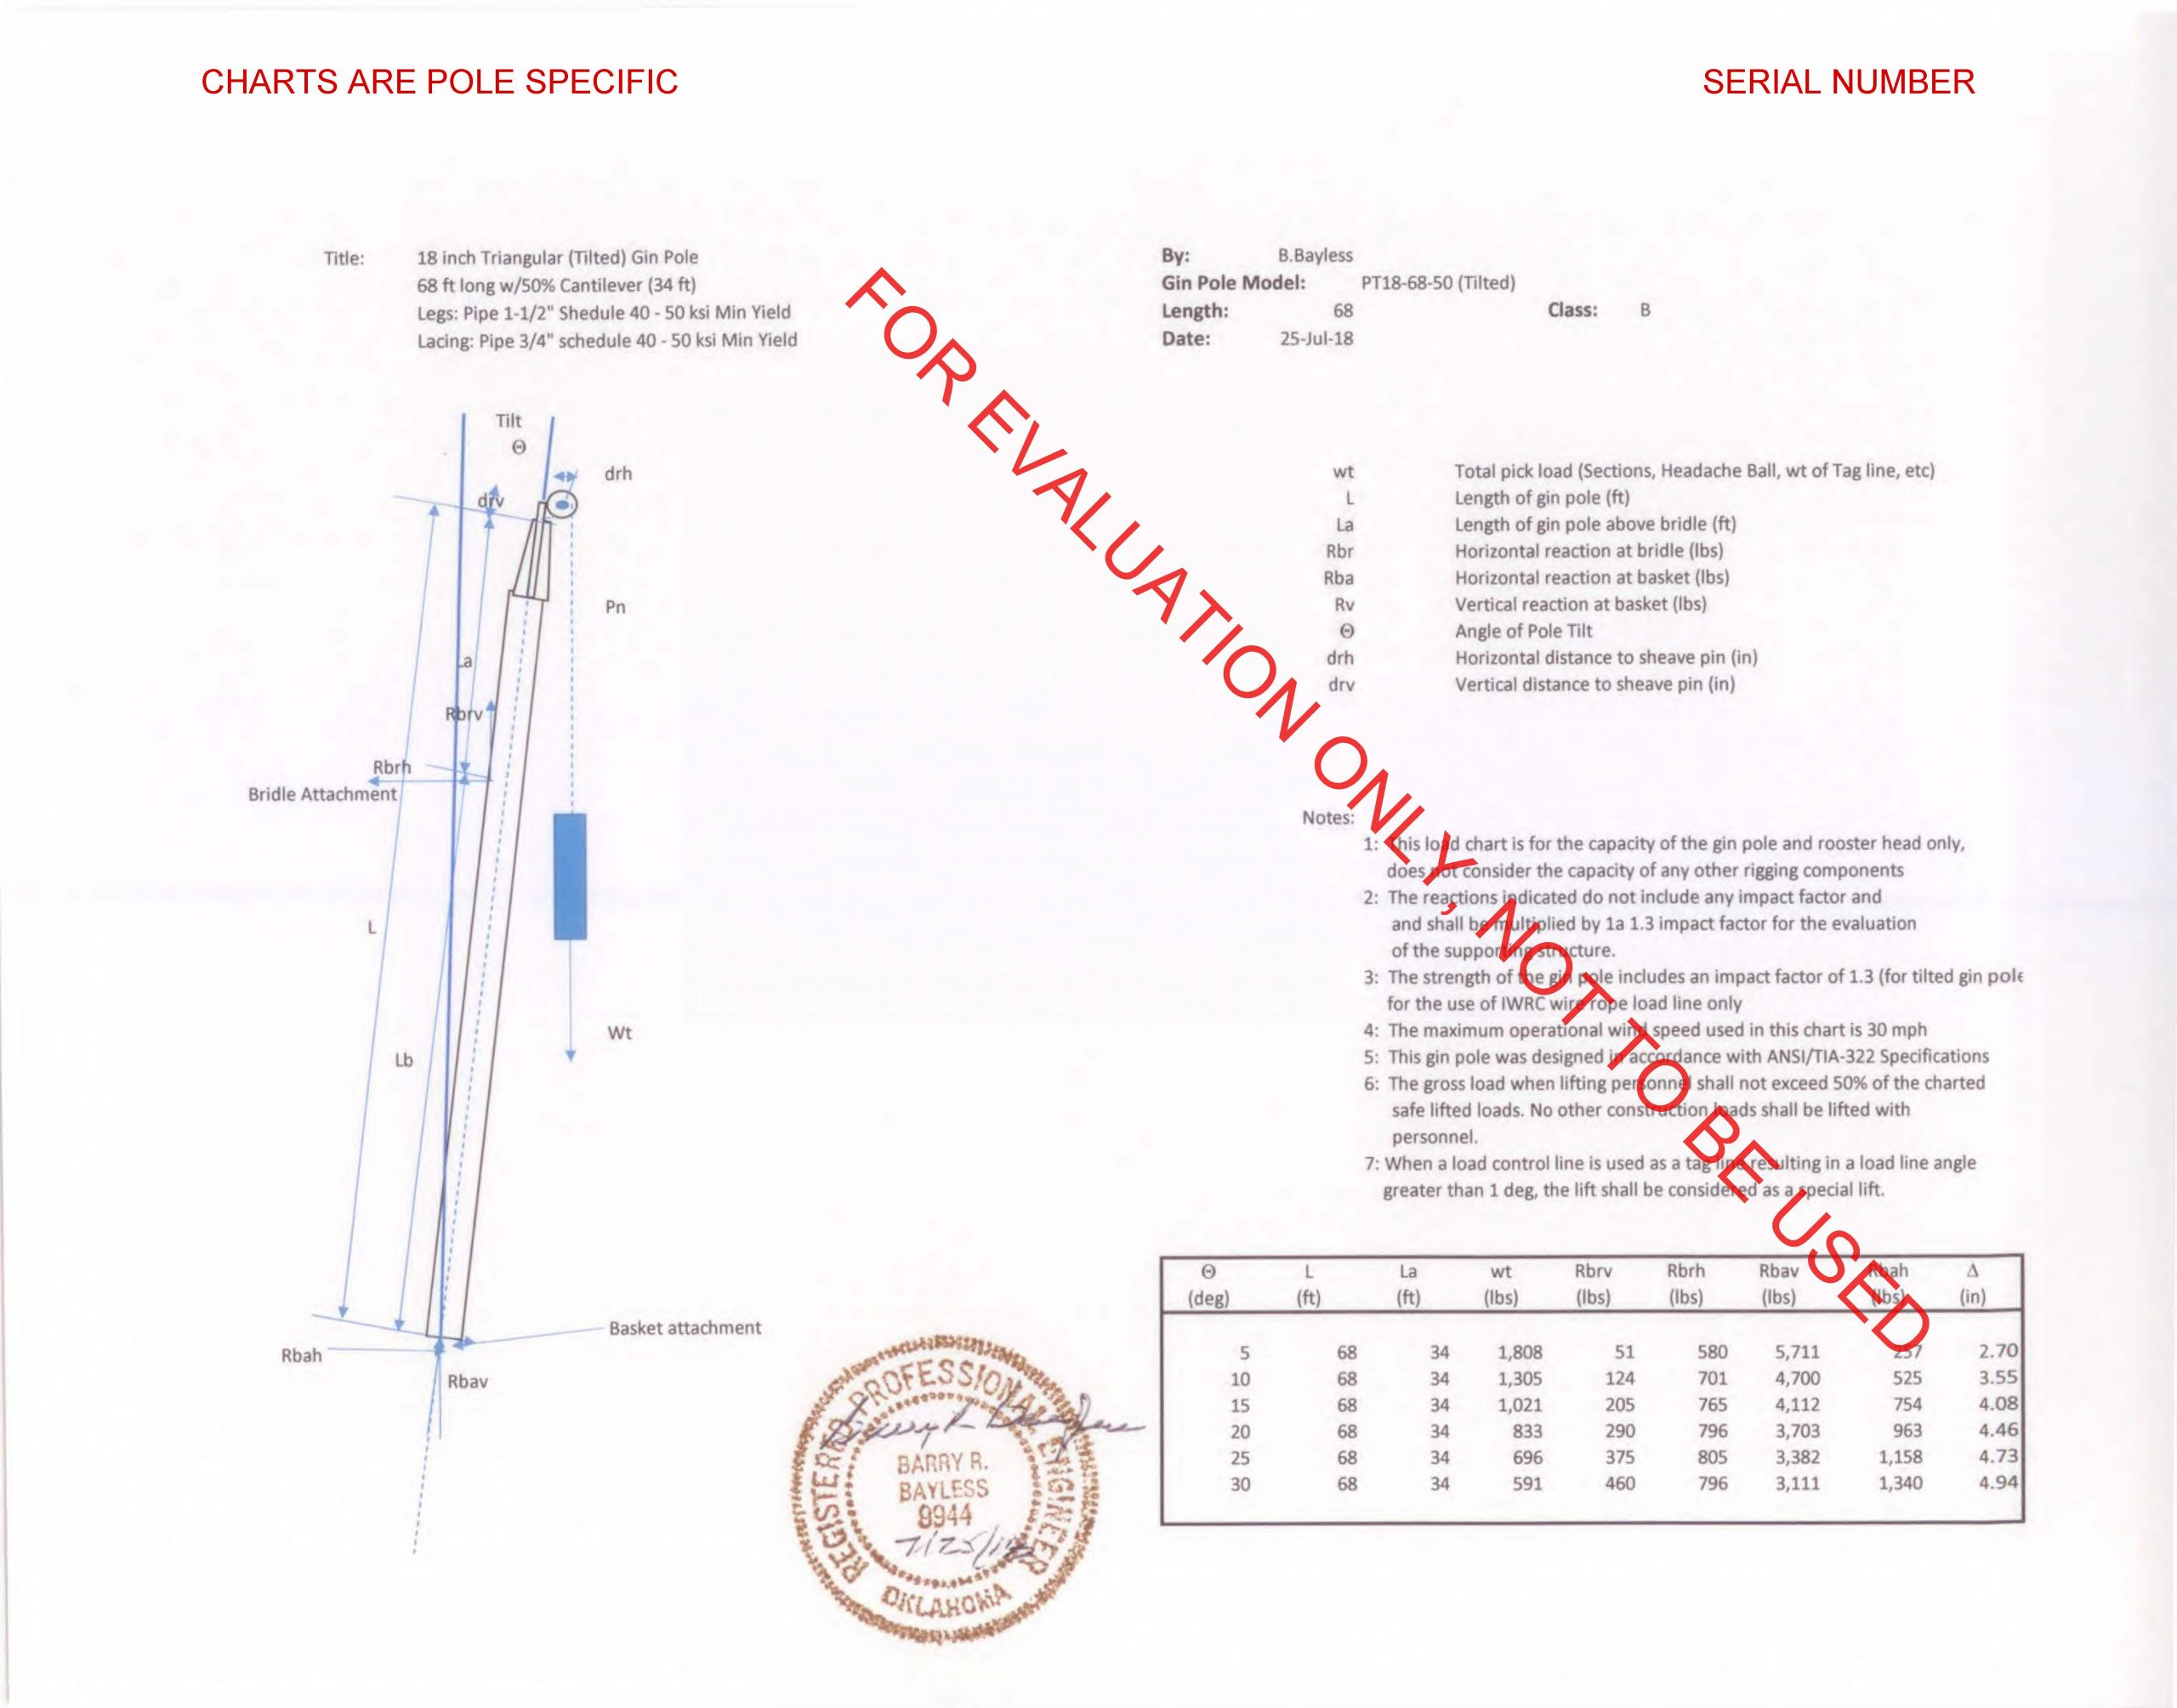 PT18-68 (Tilted) Stamped_Page_4